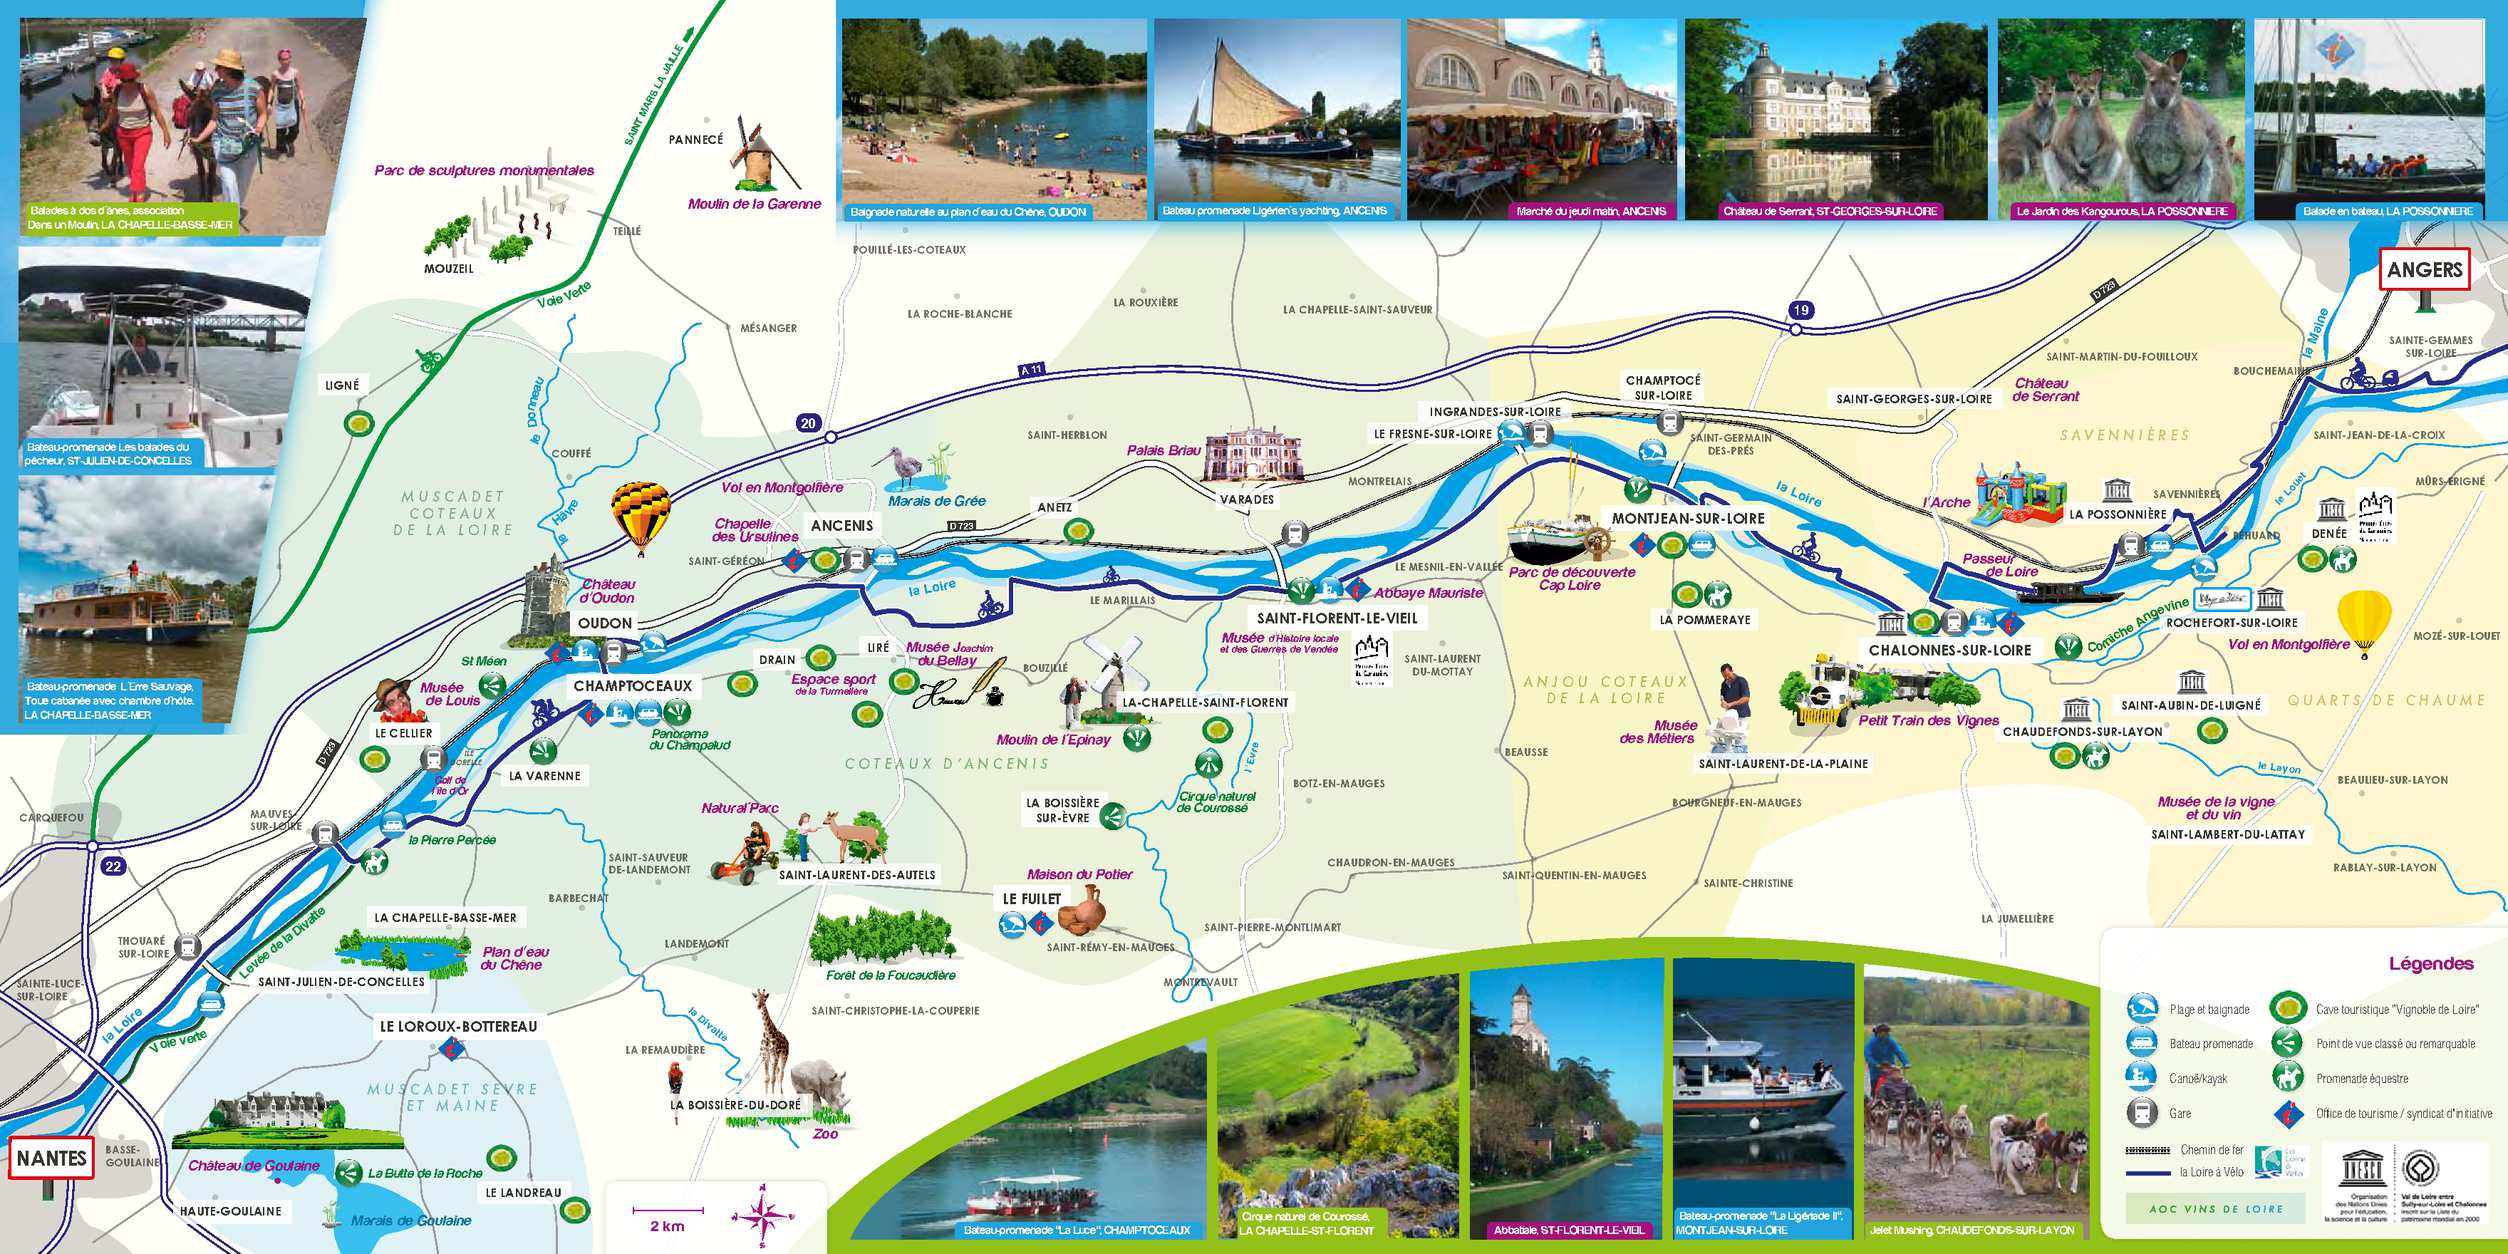 Calam o carte touristique autour de la loire entre nantes et angers - Office de tourisme maine et loire ...